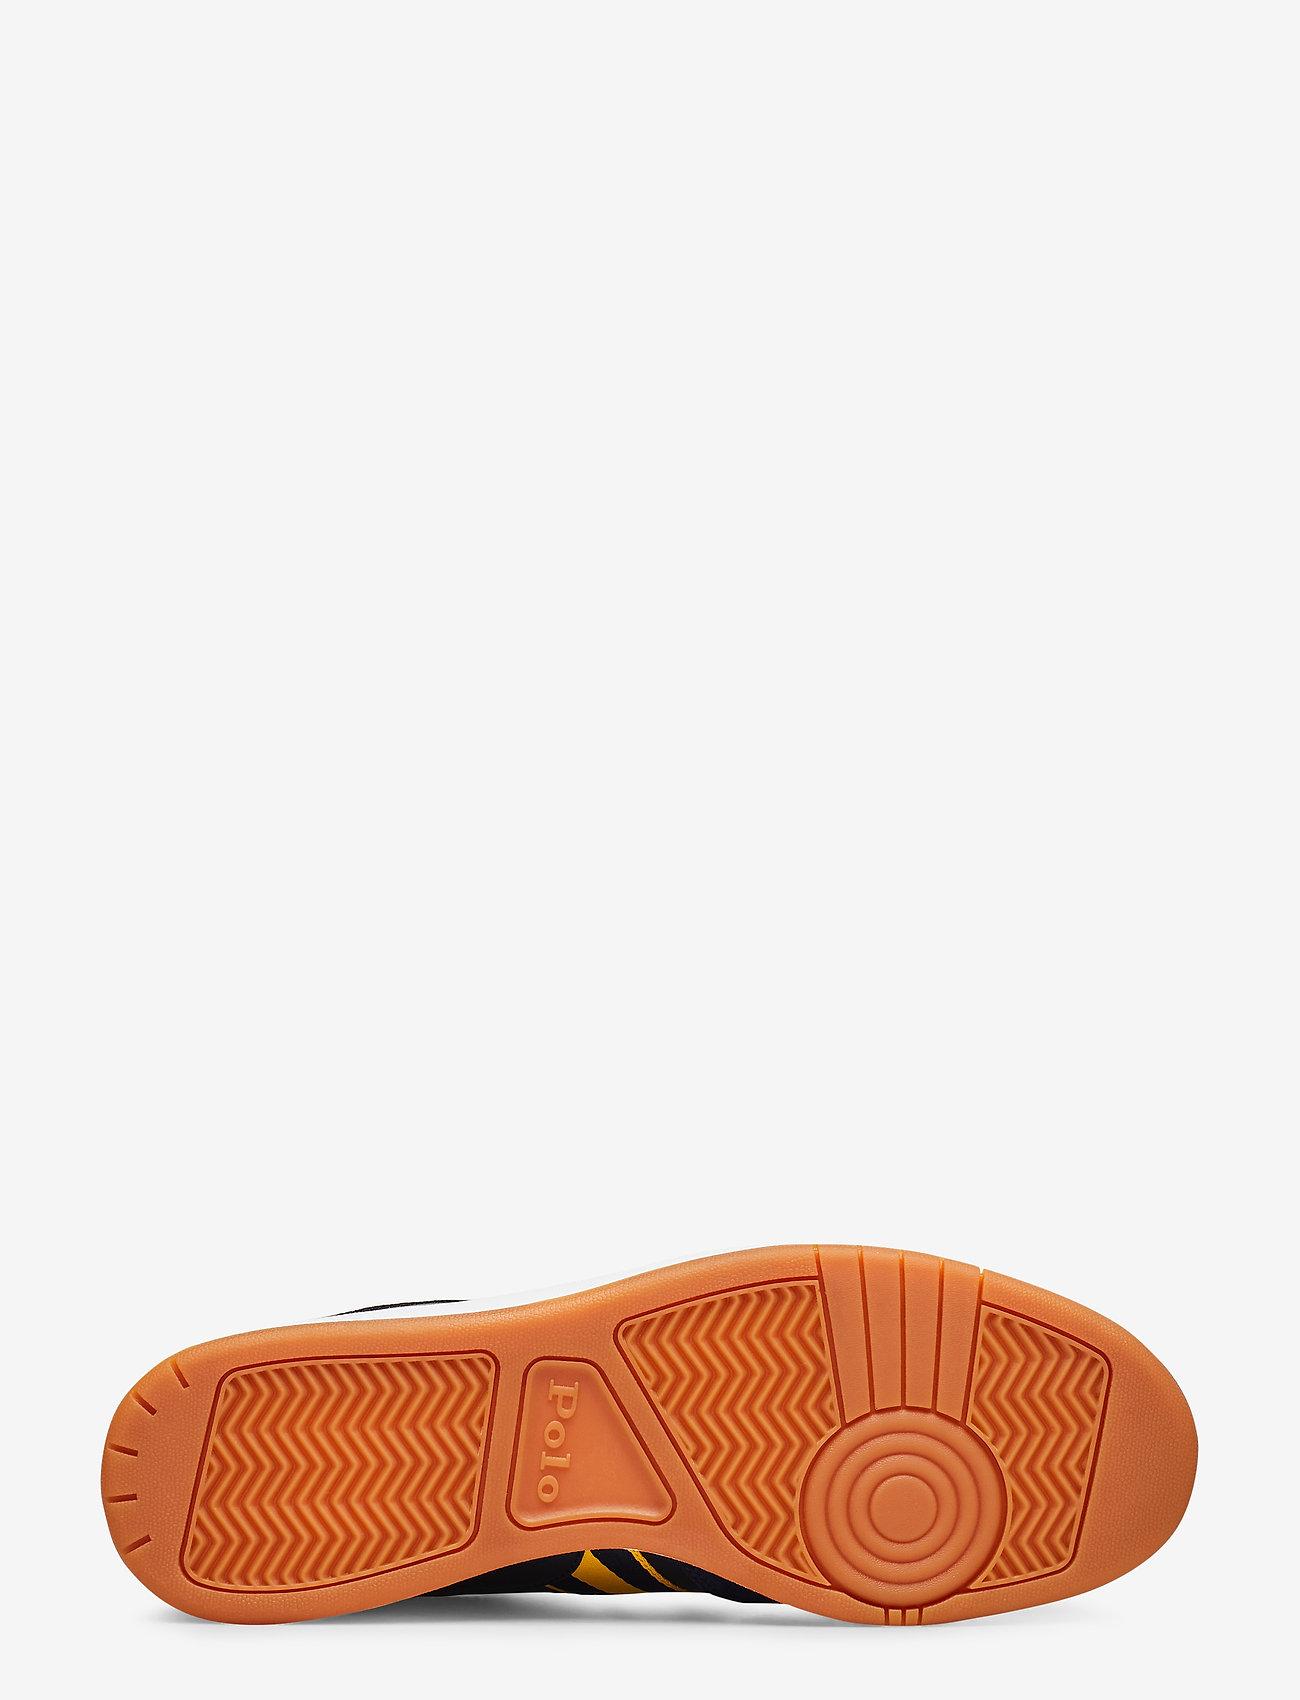 Polo Ralph Lauren Court Leather Sneaker - Sneakers Newport Navy/gold